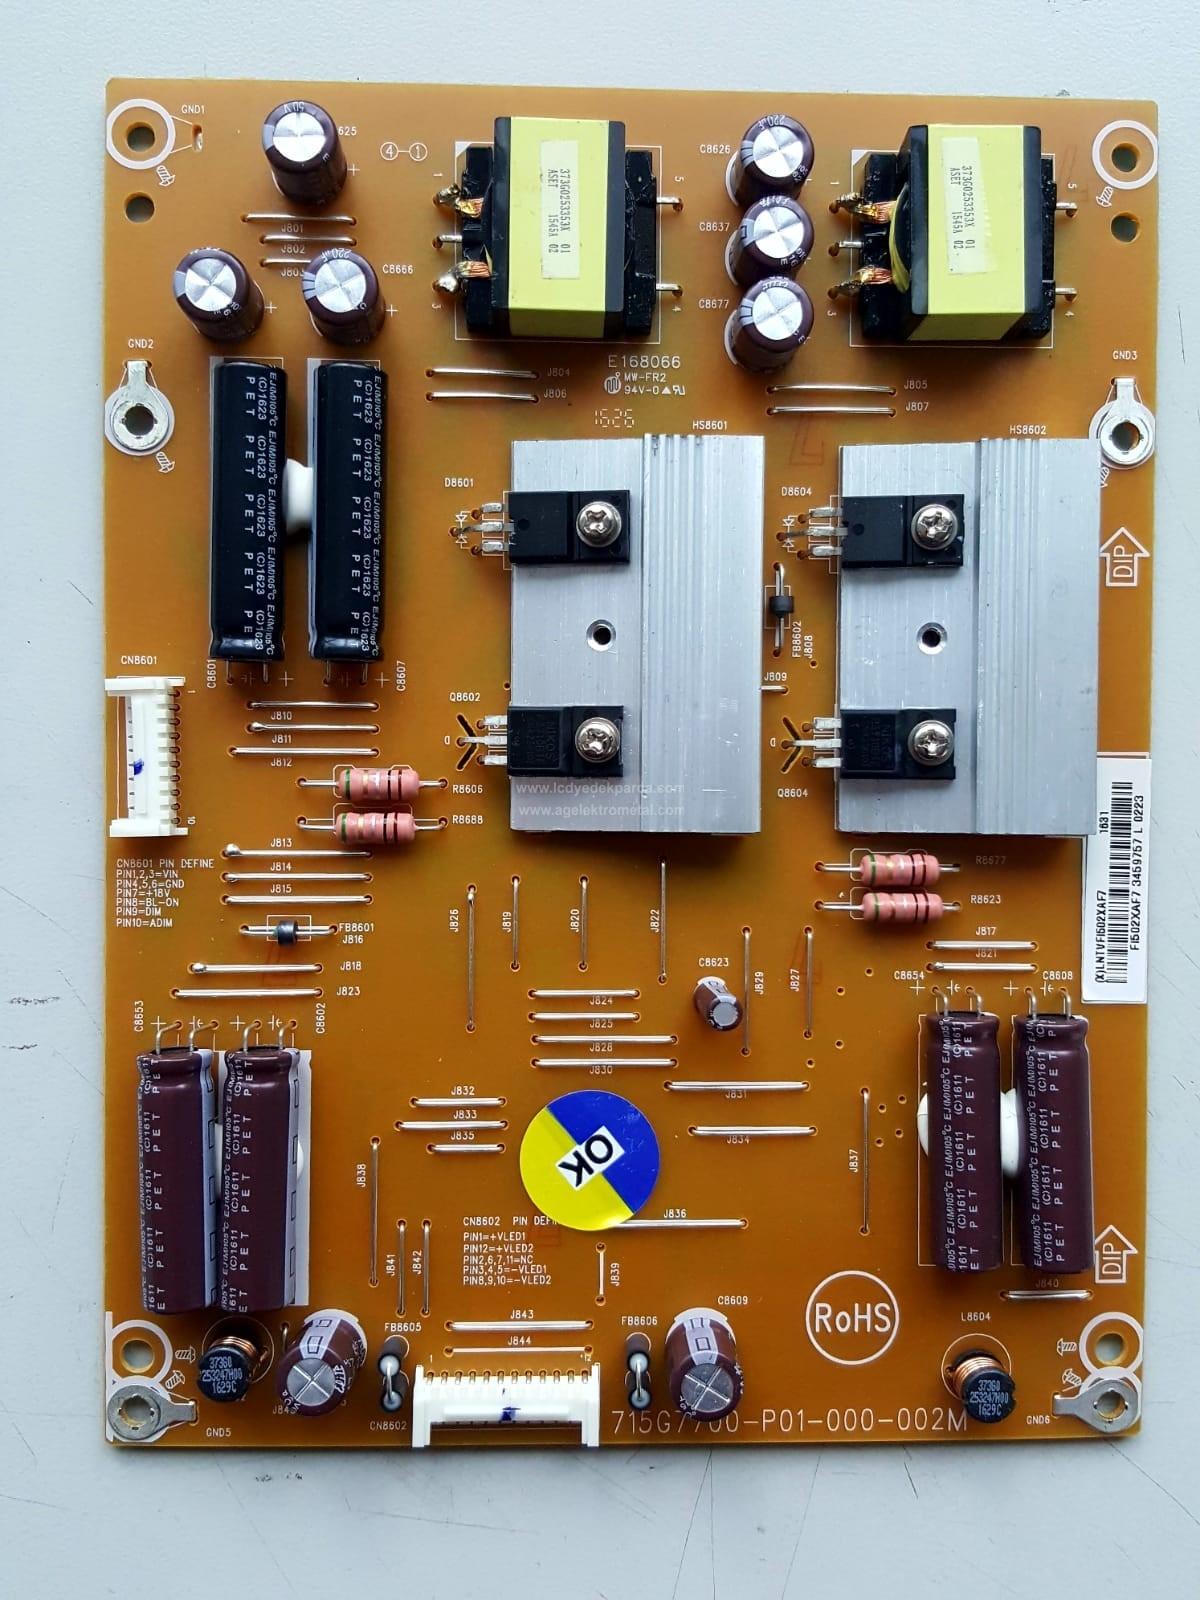 715G7700-P01-000-002M , PHILIPS , LNTVFI502XAF7 , 65PUS6121 , Power Board , Besleme Kartı , PSU